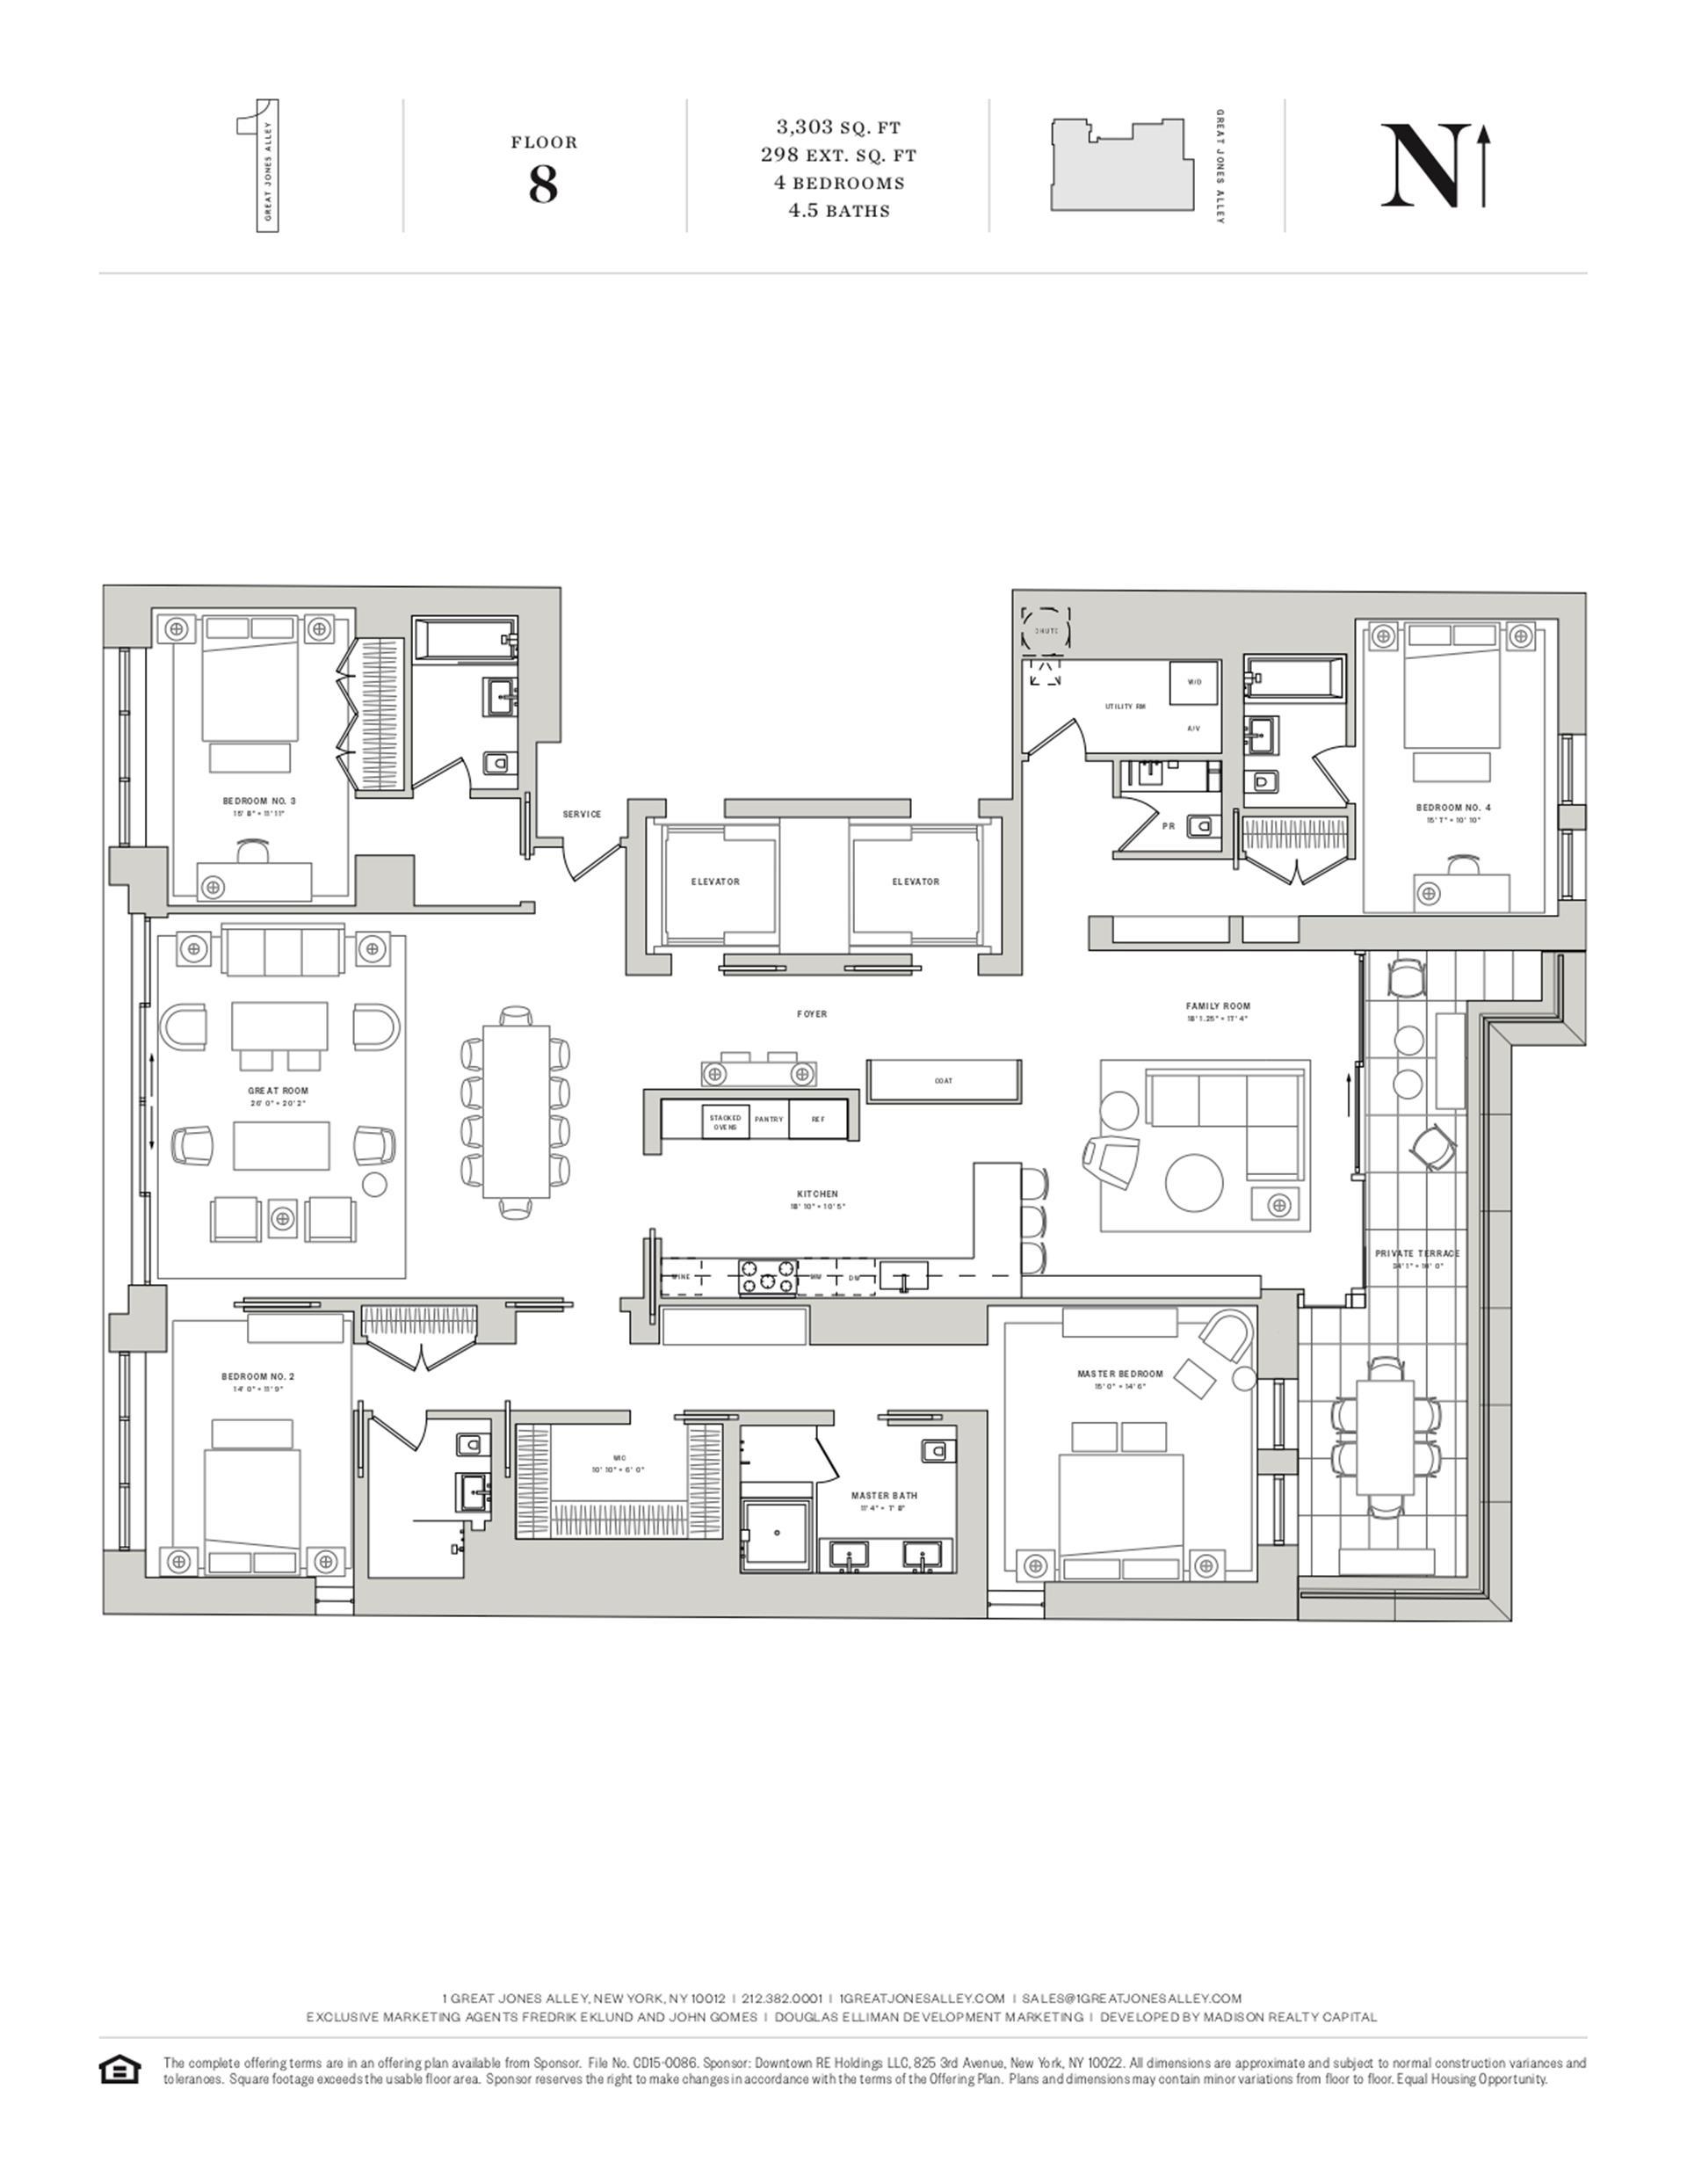 Floor plan of 1 Great Jones Alley, 8 - NoHo, New York